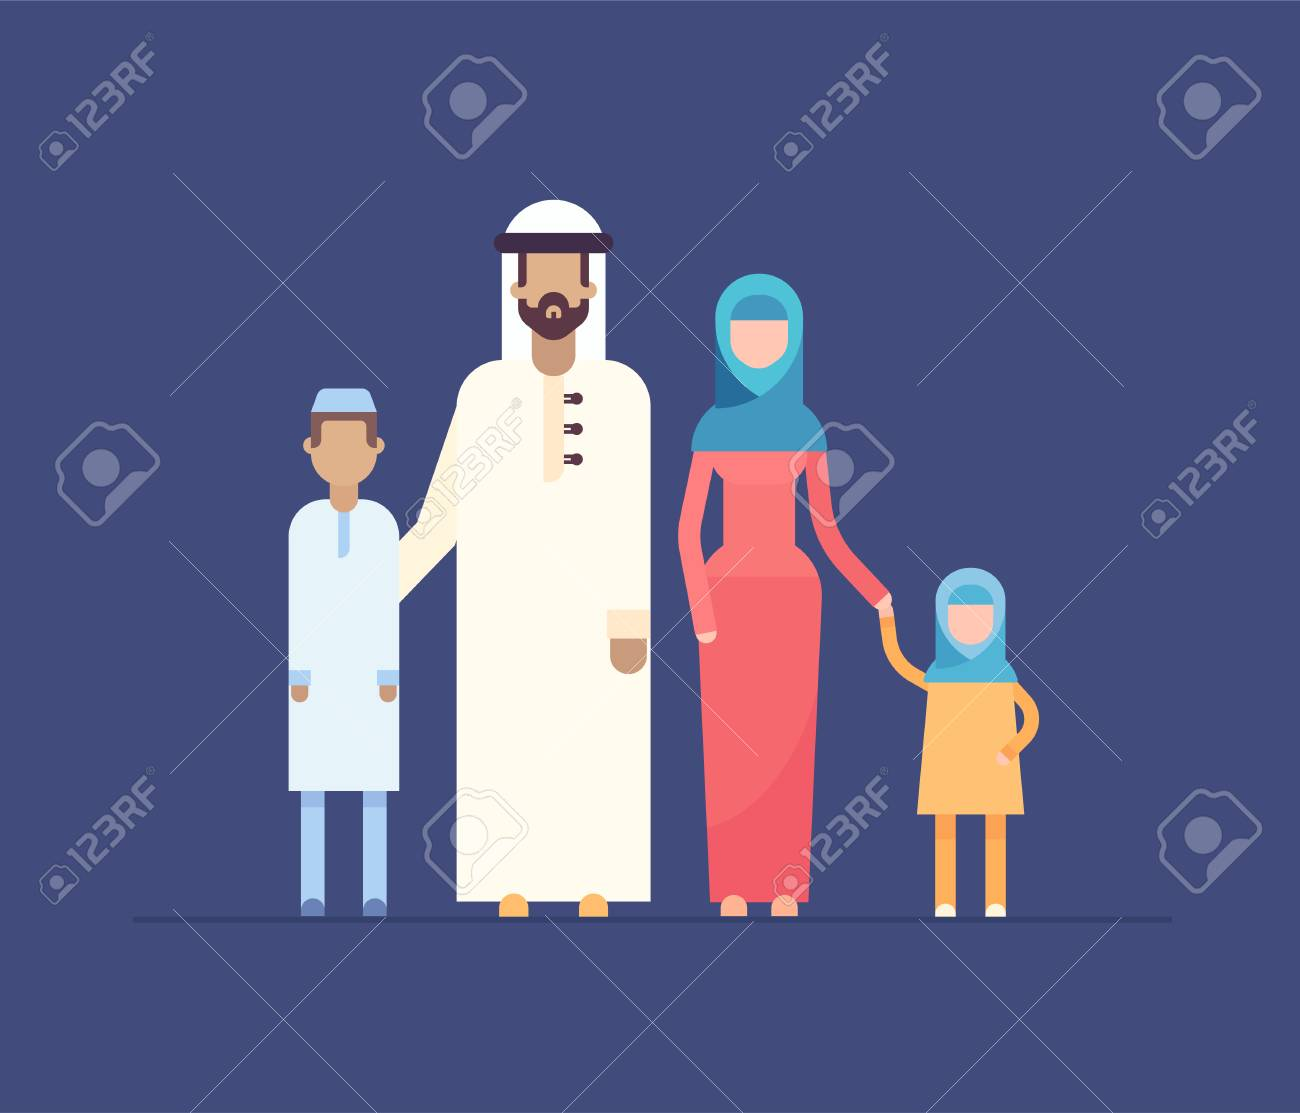 traditional family vs modern family